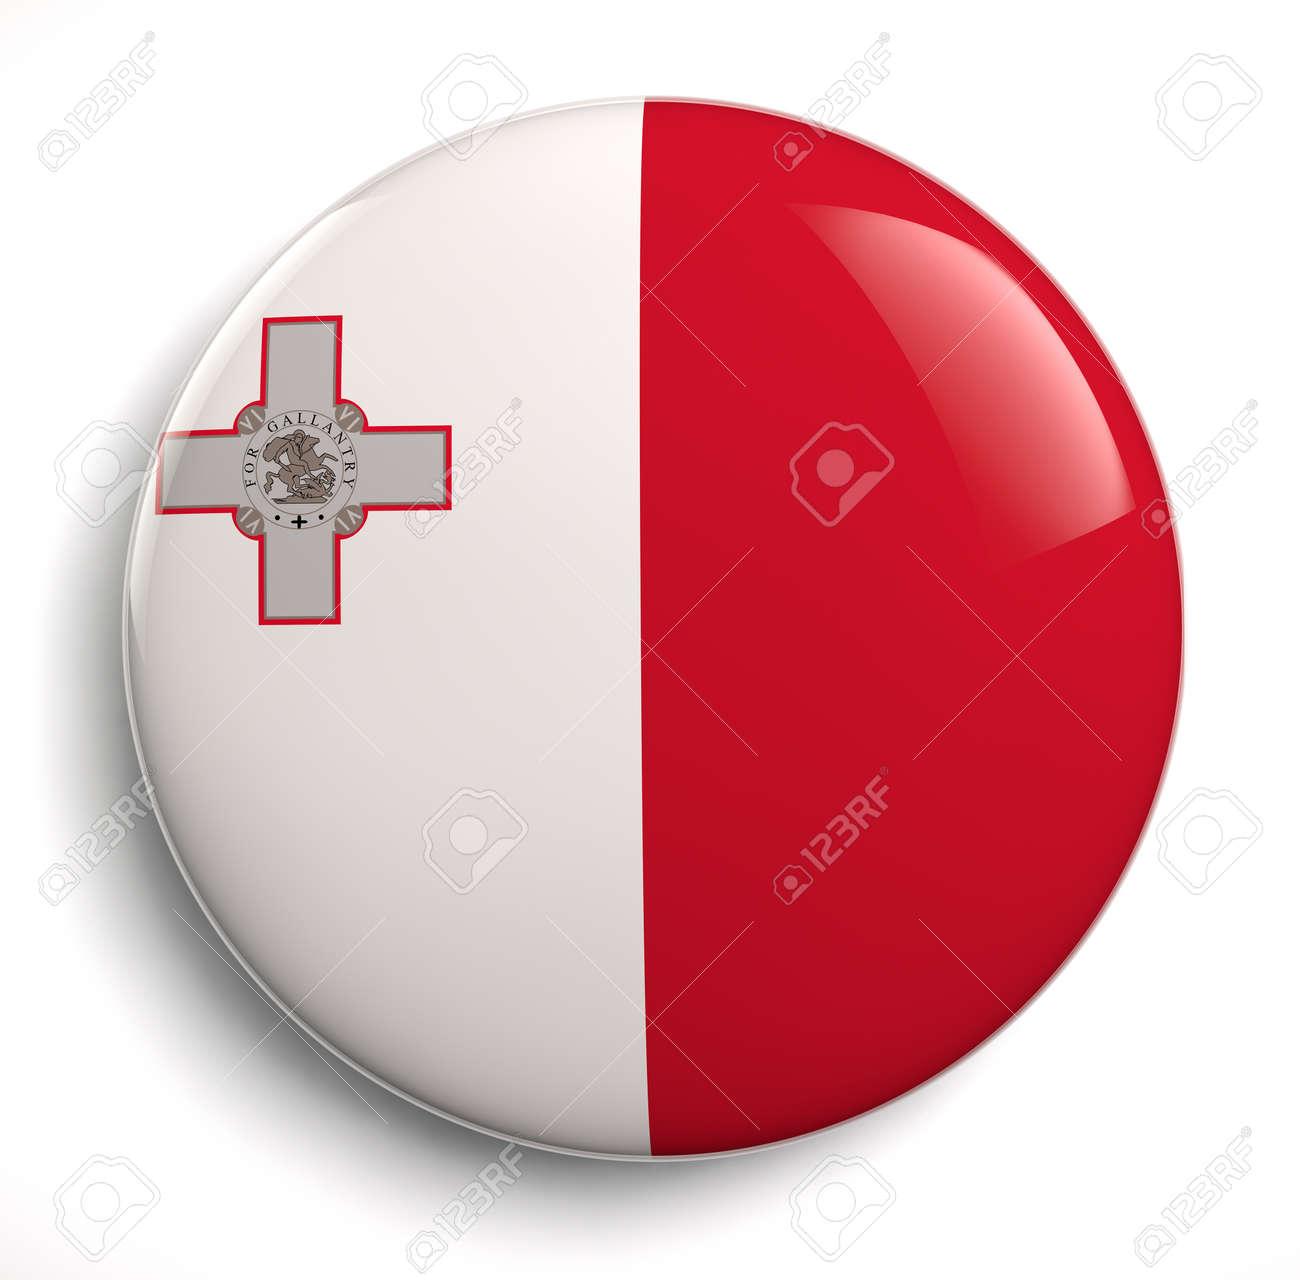 Resultado de imagen para badera icono malta